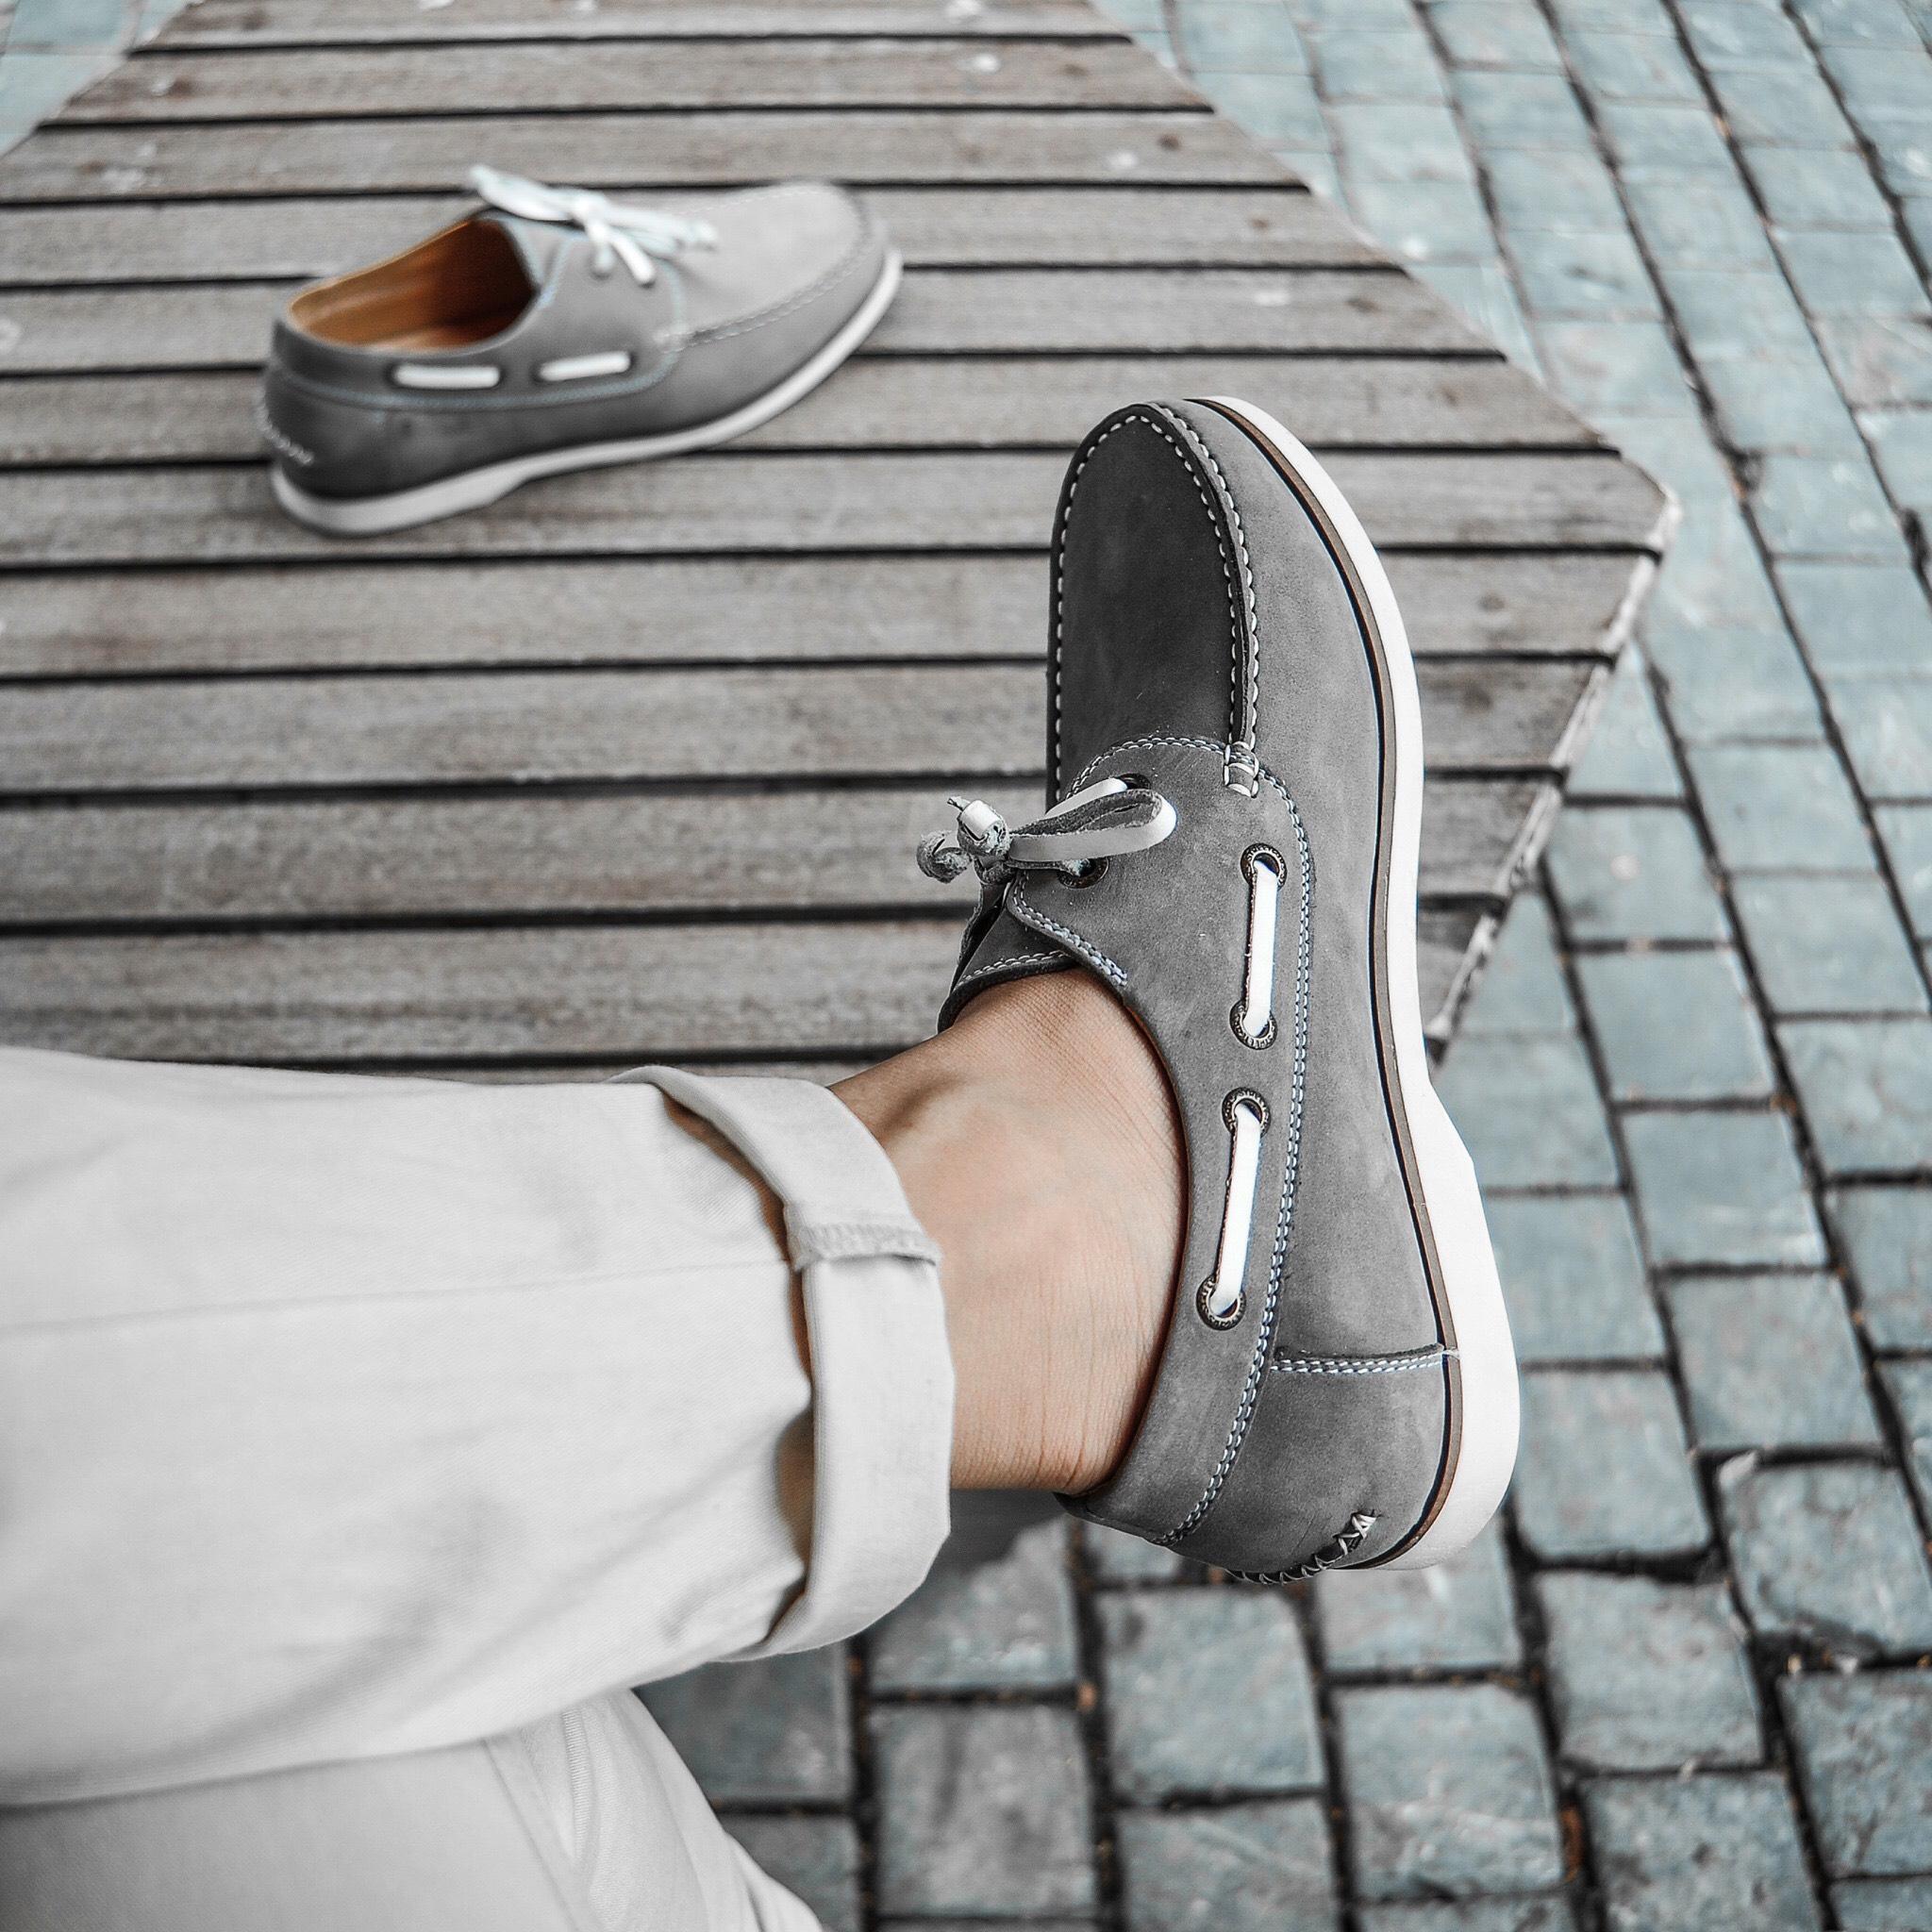 Giày Nam Cổ Thấp Buộc Dây Da Bò Thật Nguyên Tấm Cao Cấp BoatShoes TFHN447 - Size 38 - 43 - (Tặng Vớ/Lót Giày)